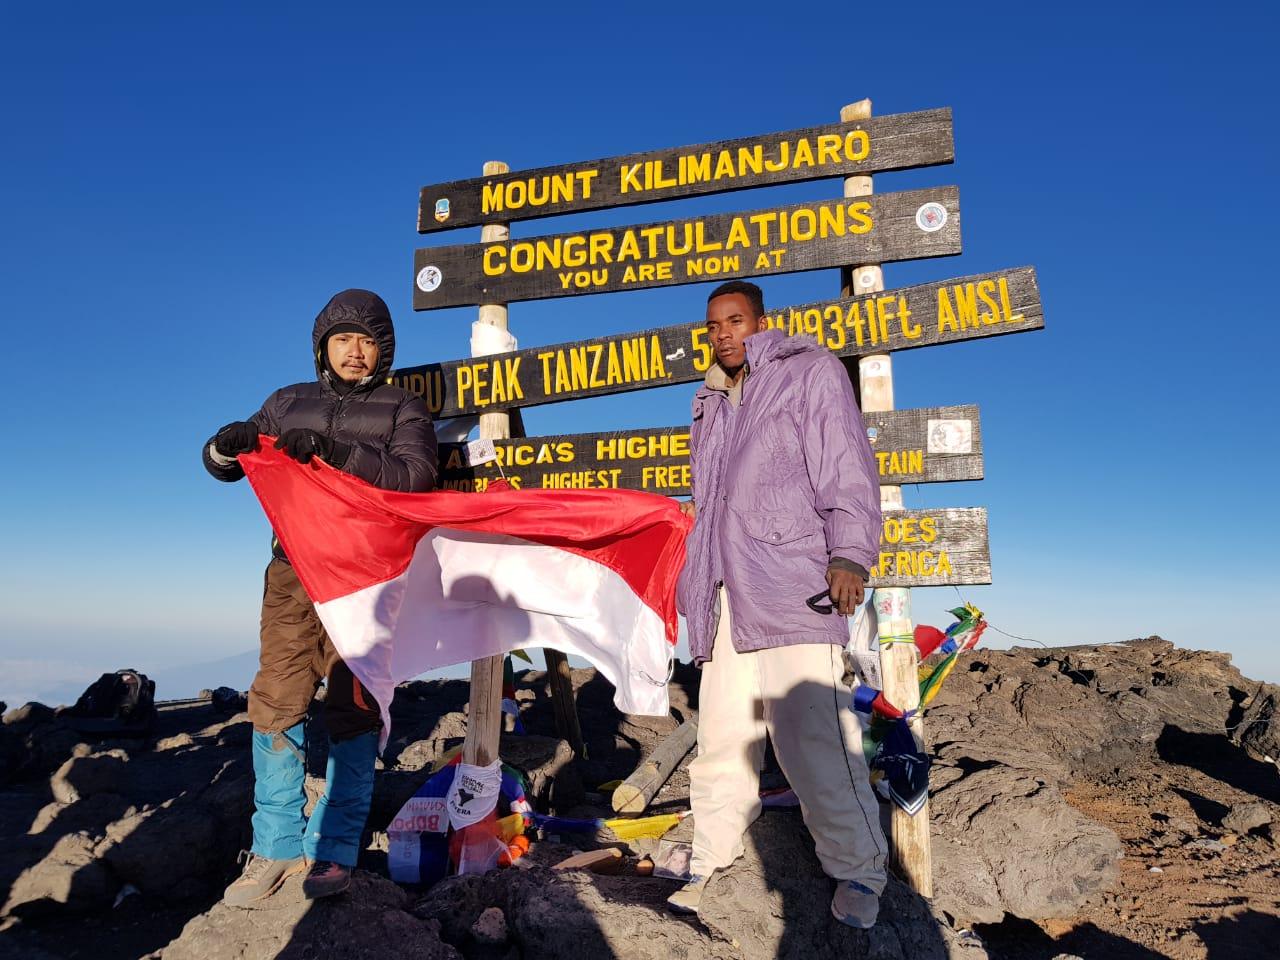 Akhirnya mencapai puncak Gunung Kilimanjaro setelah lima hari mendaki